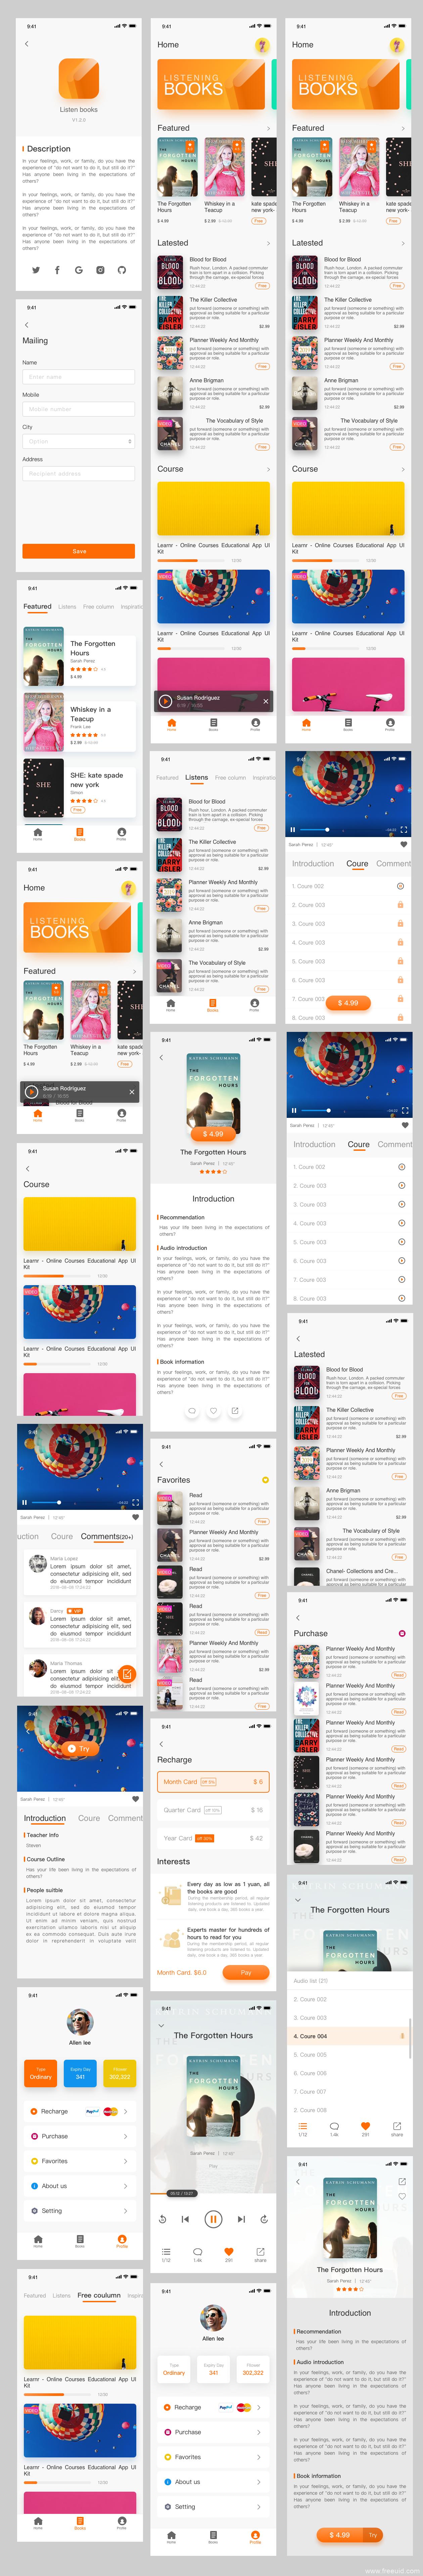 全套阅读类应用UI界面、全套知识付费应用APP界面sketch源文件下载